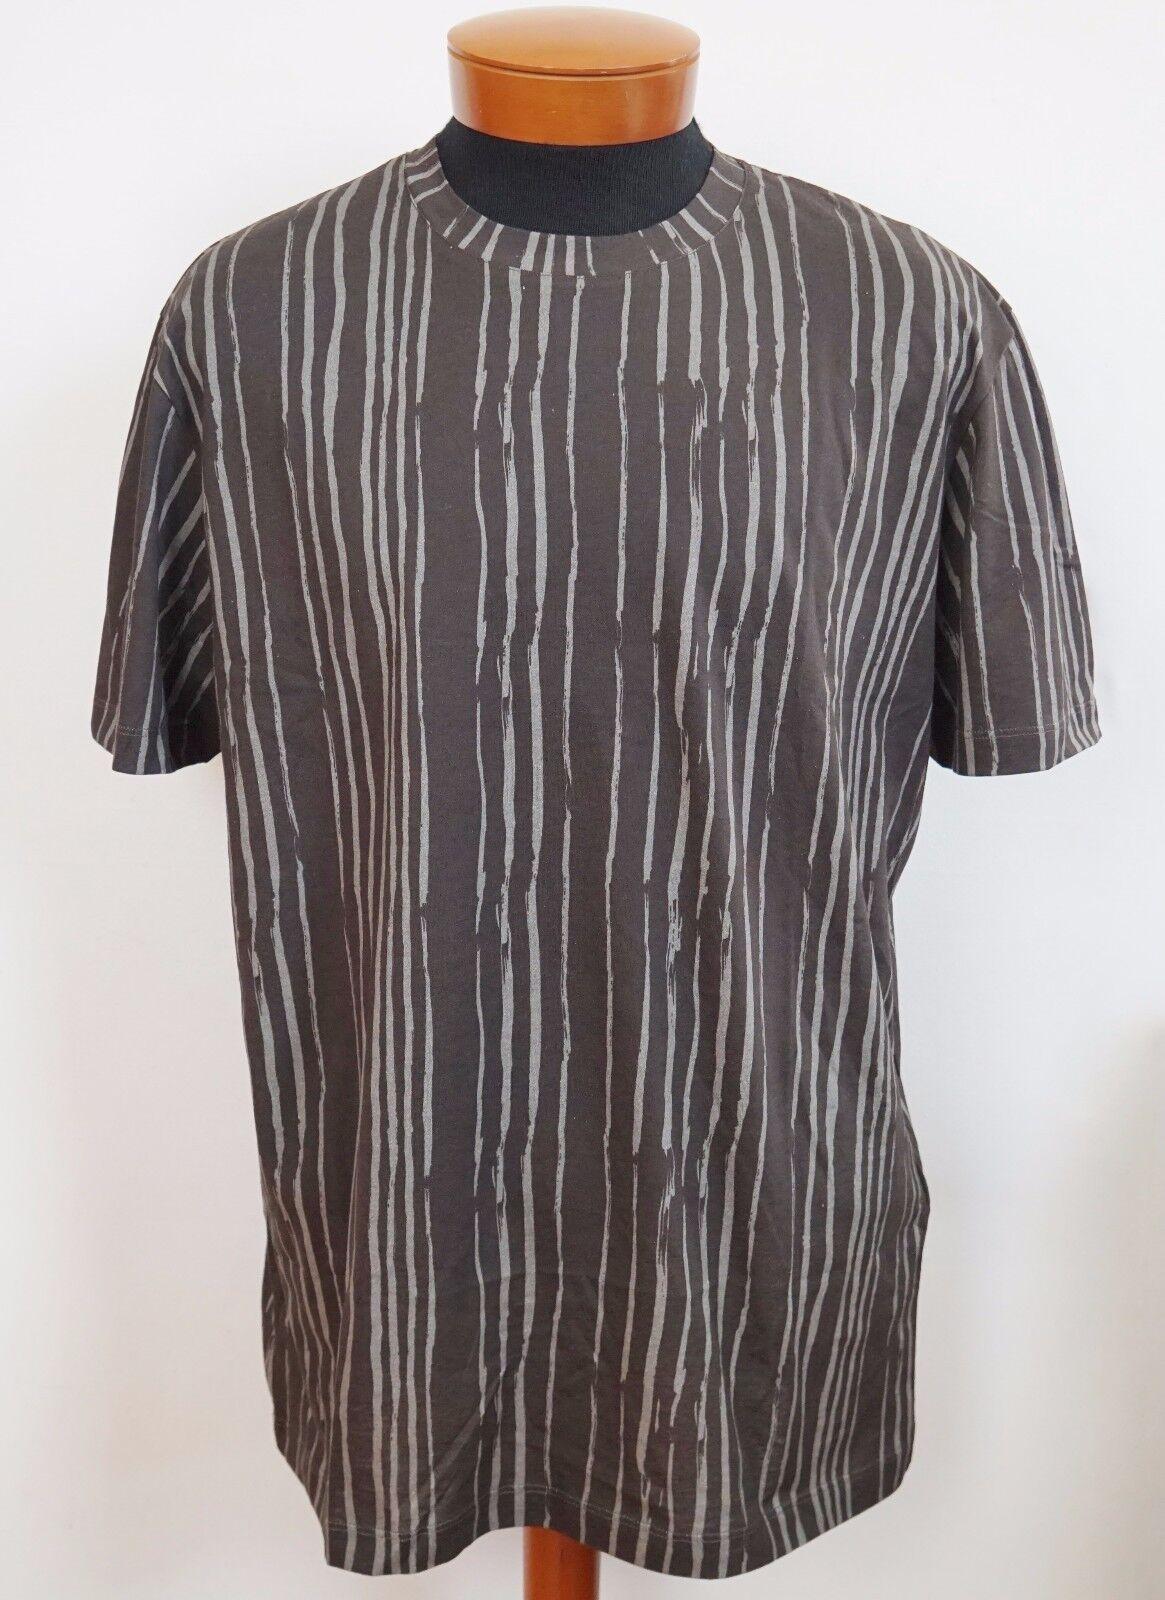 NWT BOTTEGA VENETA Braun TRIBAL Stripes Cotton T-Shirt IT-48/M IT-52/L IT-54/XL